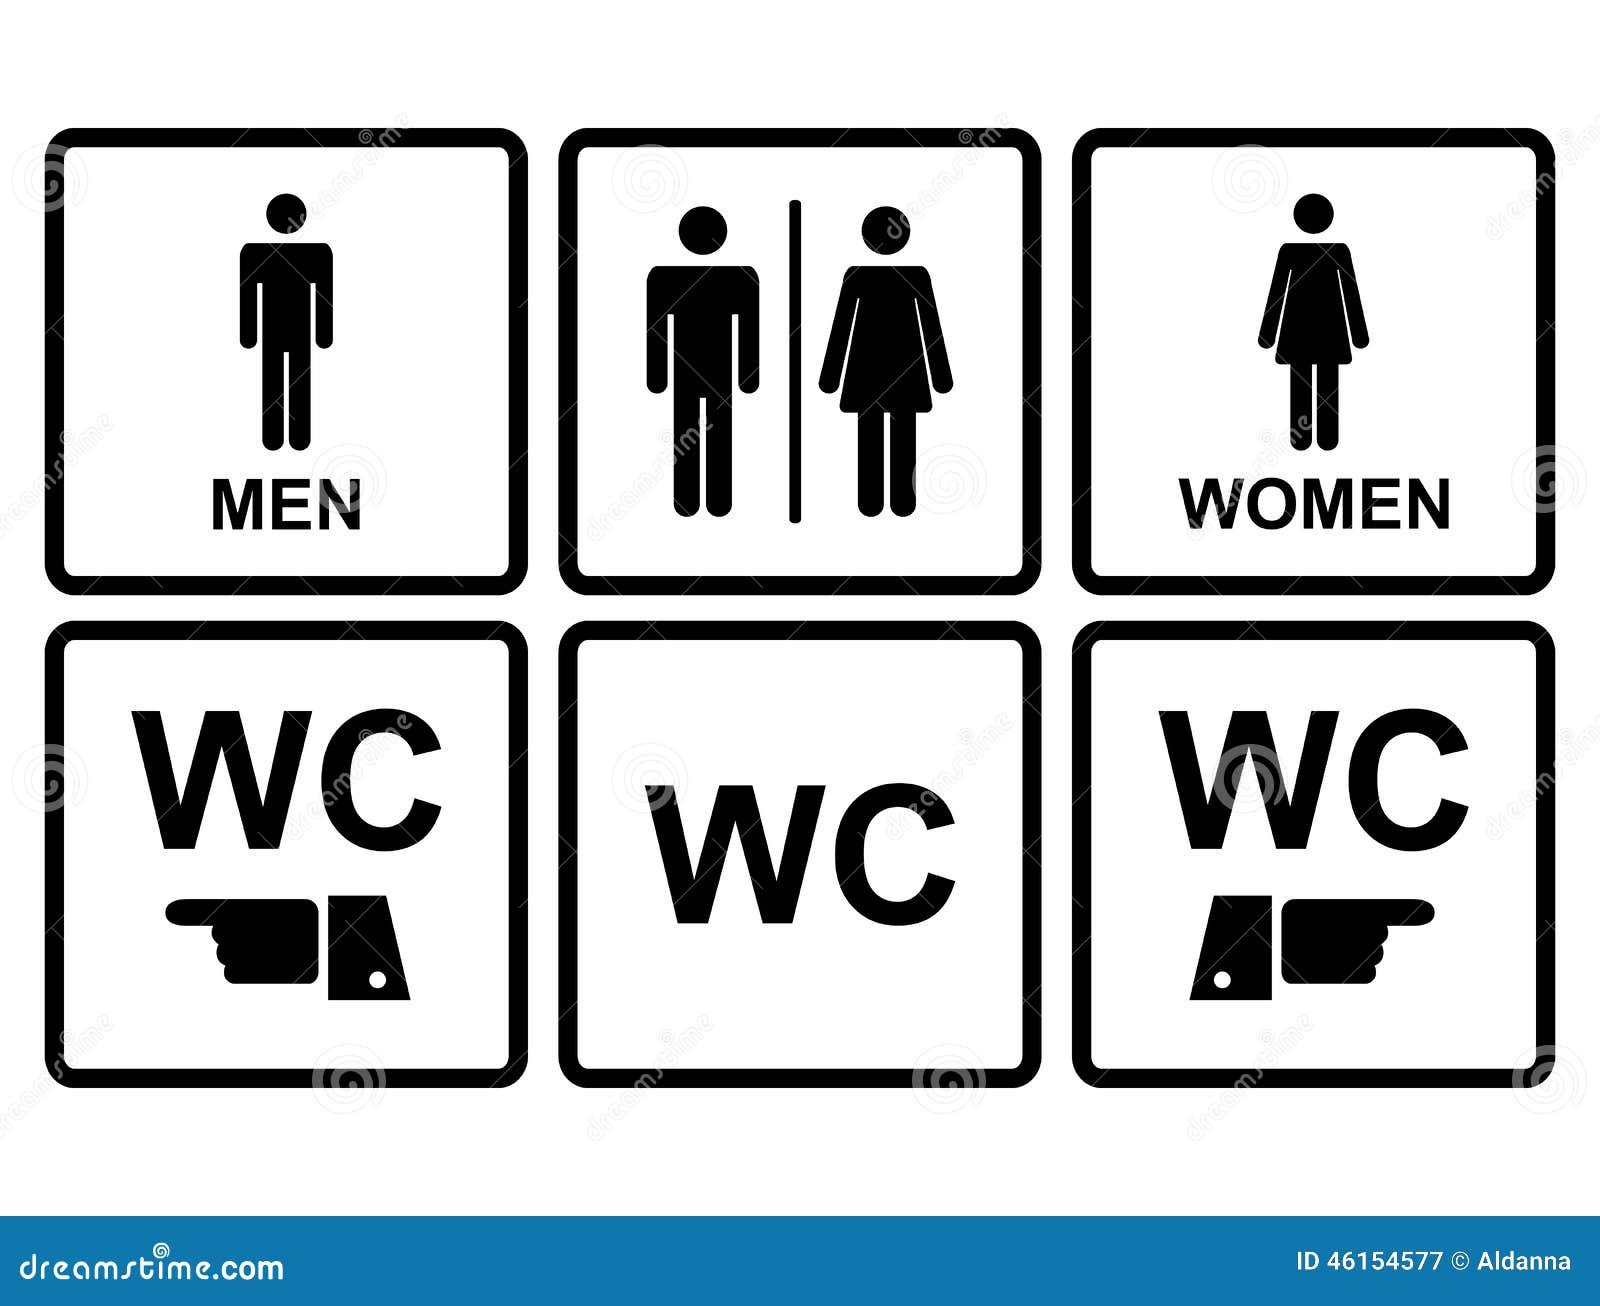 clipart wc uomini - photo #16